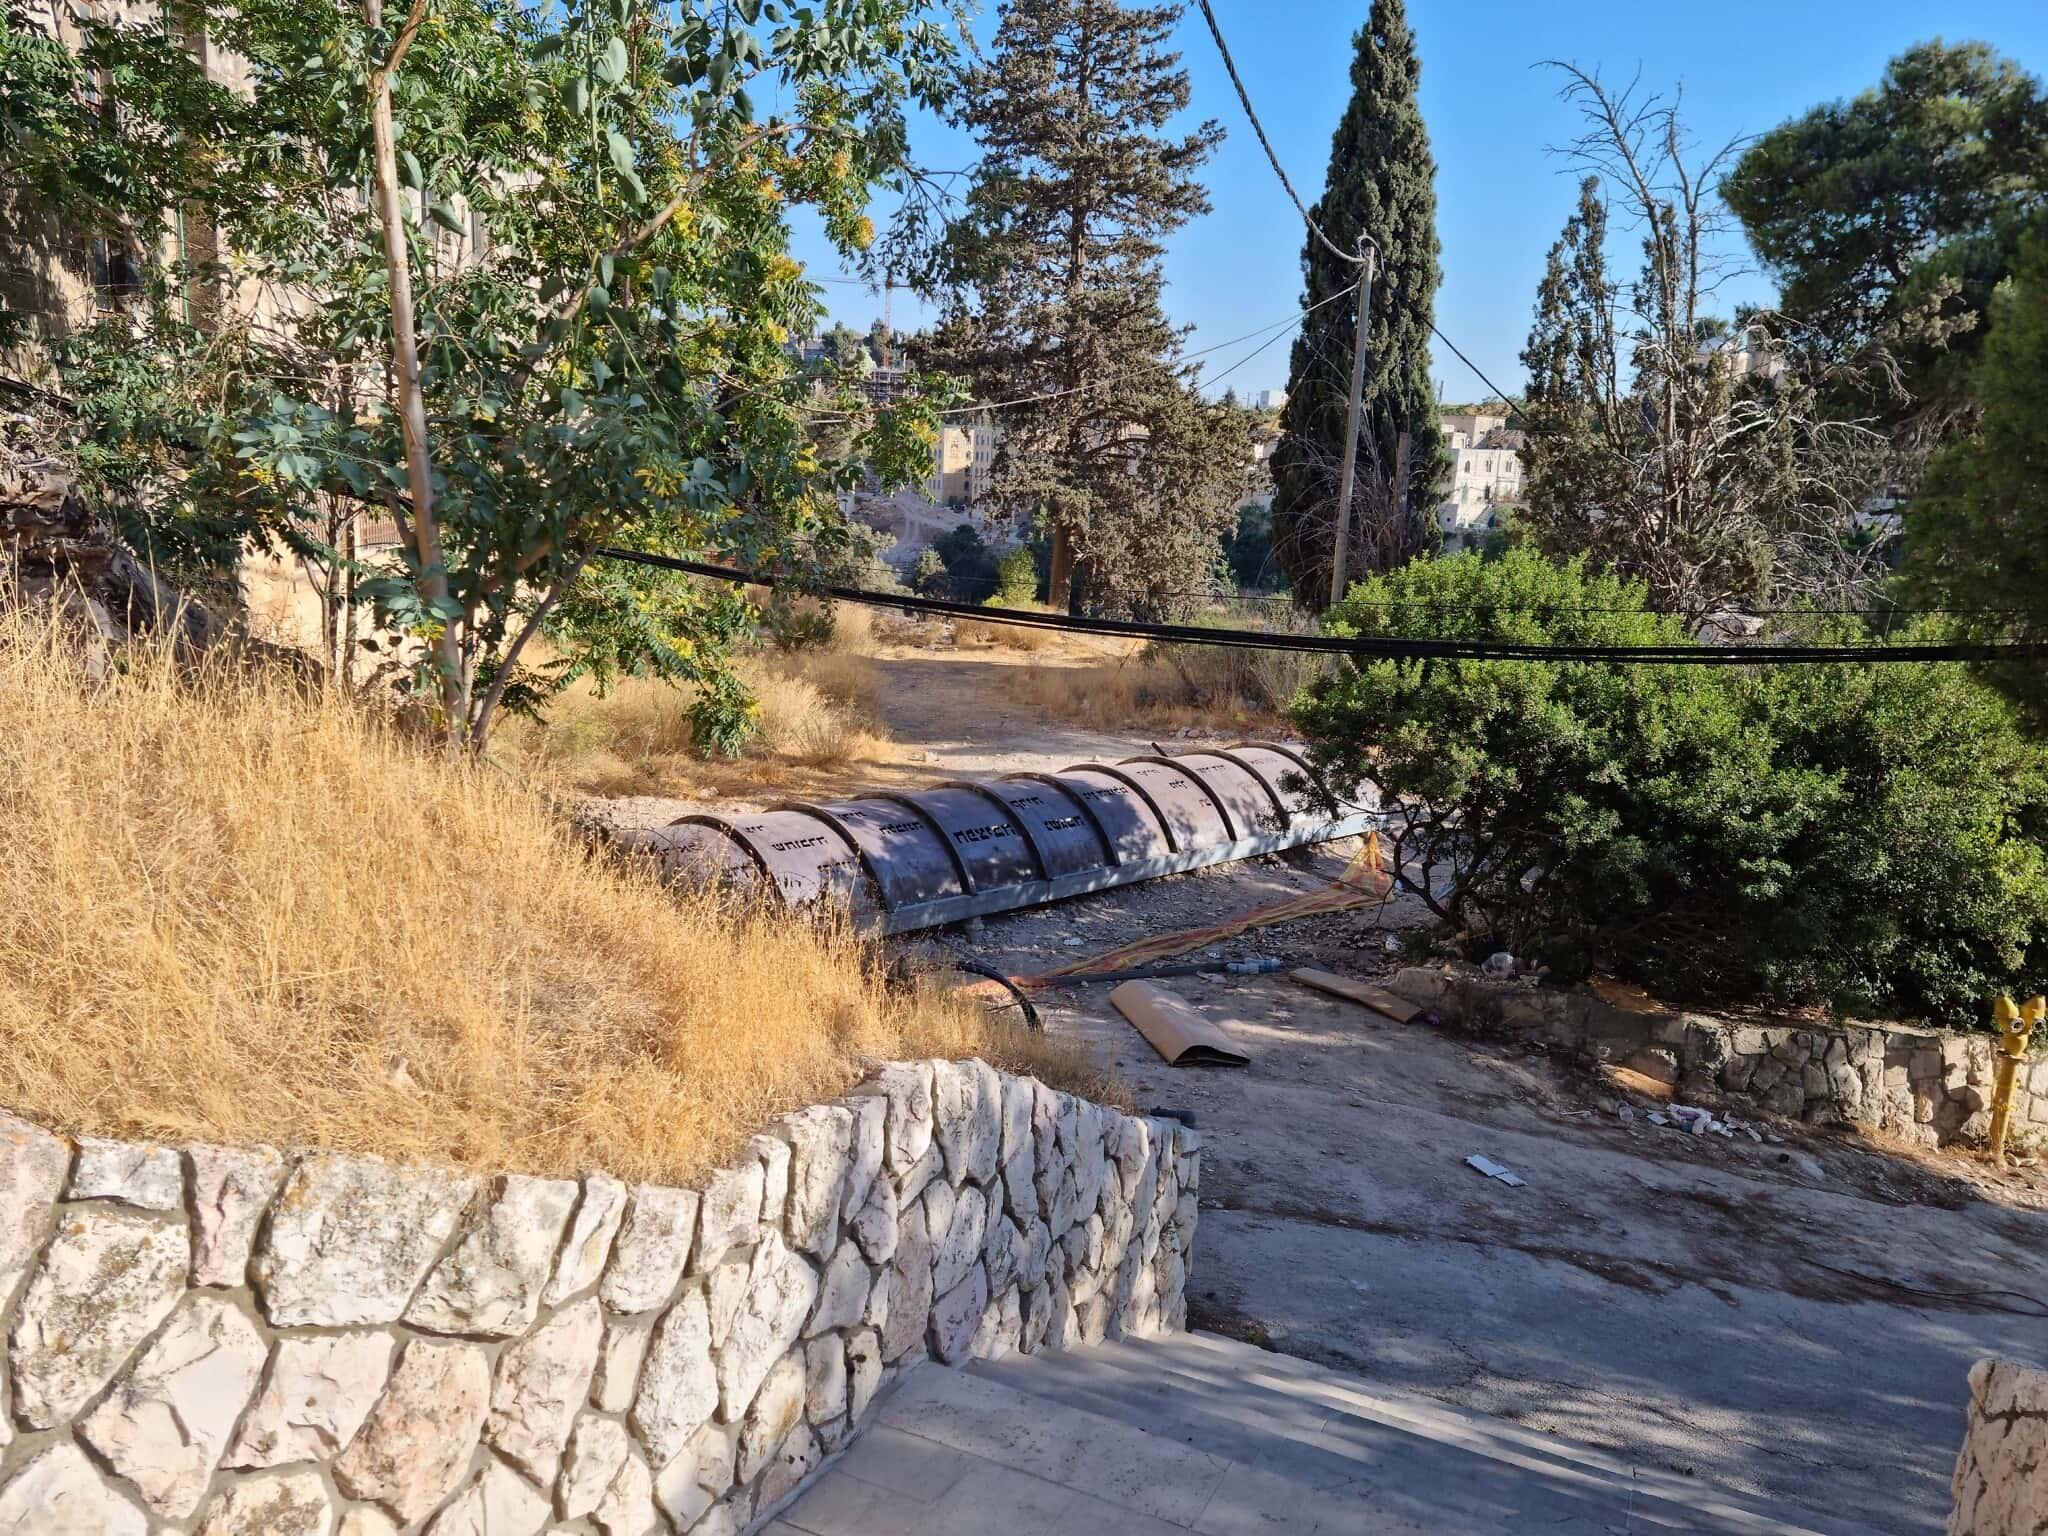 מנהרת הר ציון המשופצת (צילום: שמואל בר-עם)